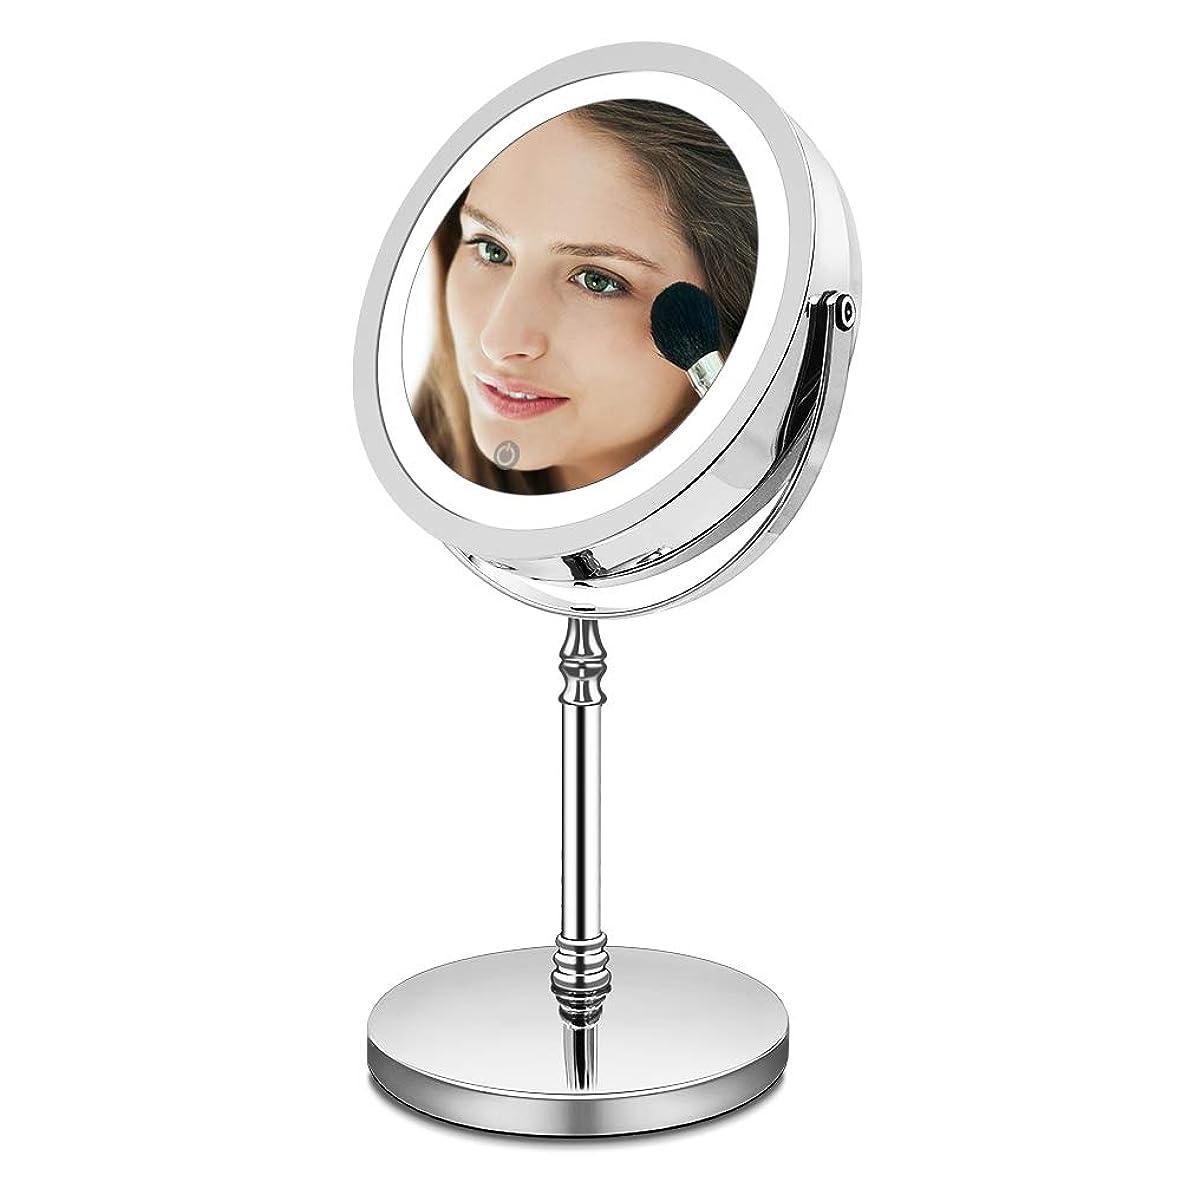 スイングどんよりした無駄なAMZTOLIFE 10倍拡大鏡+等倍鏡 化粧鏡 ライト付き 卓上鏡 ミラー 鏡 化粧ミラー メイクアップミラー スタンドミラー 360度回転 明るさ調節 日本語取扱説明書付き (タイチー)